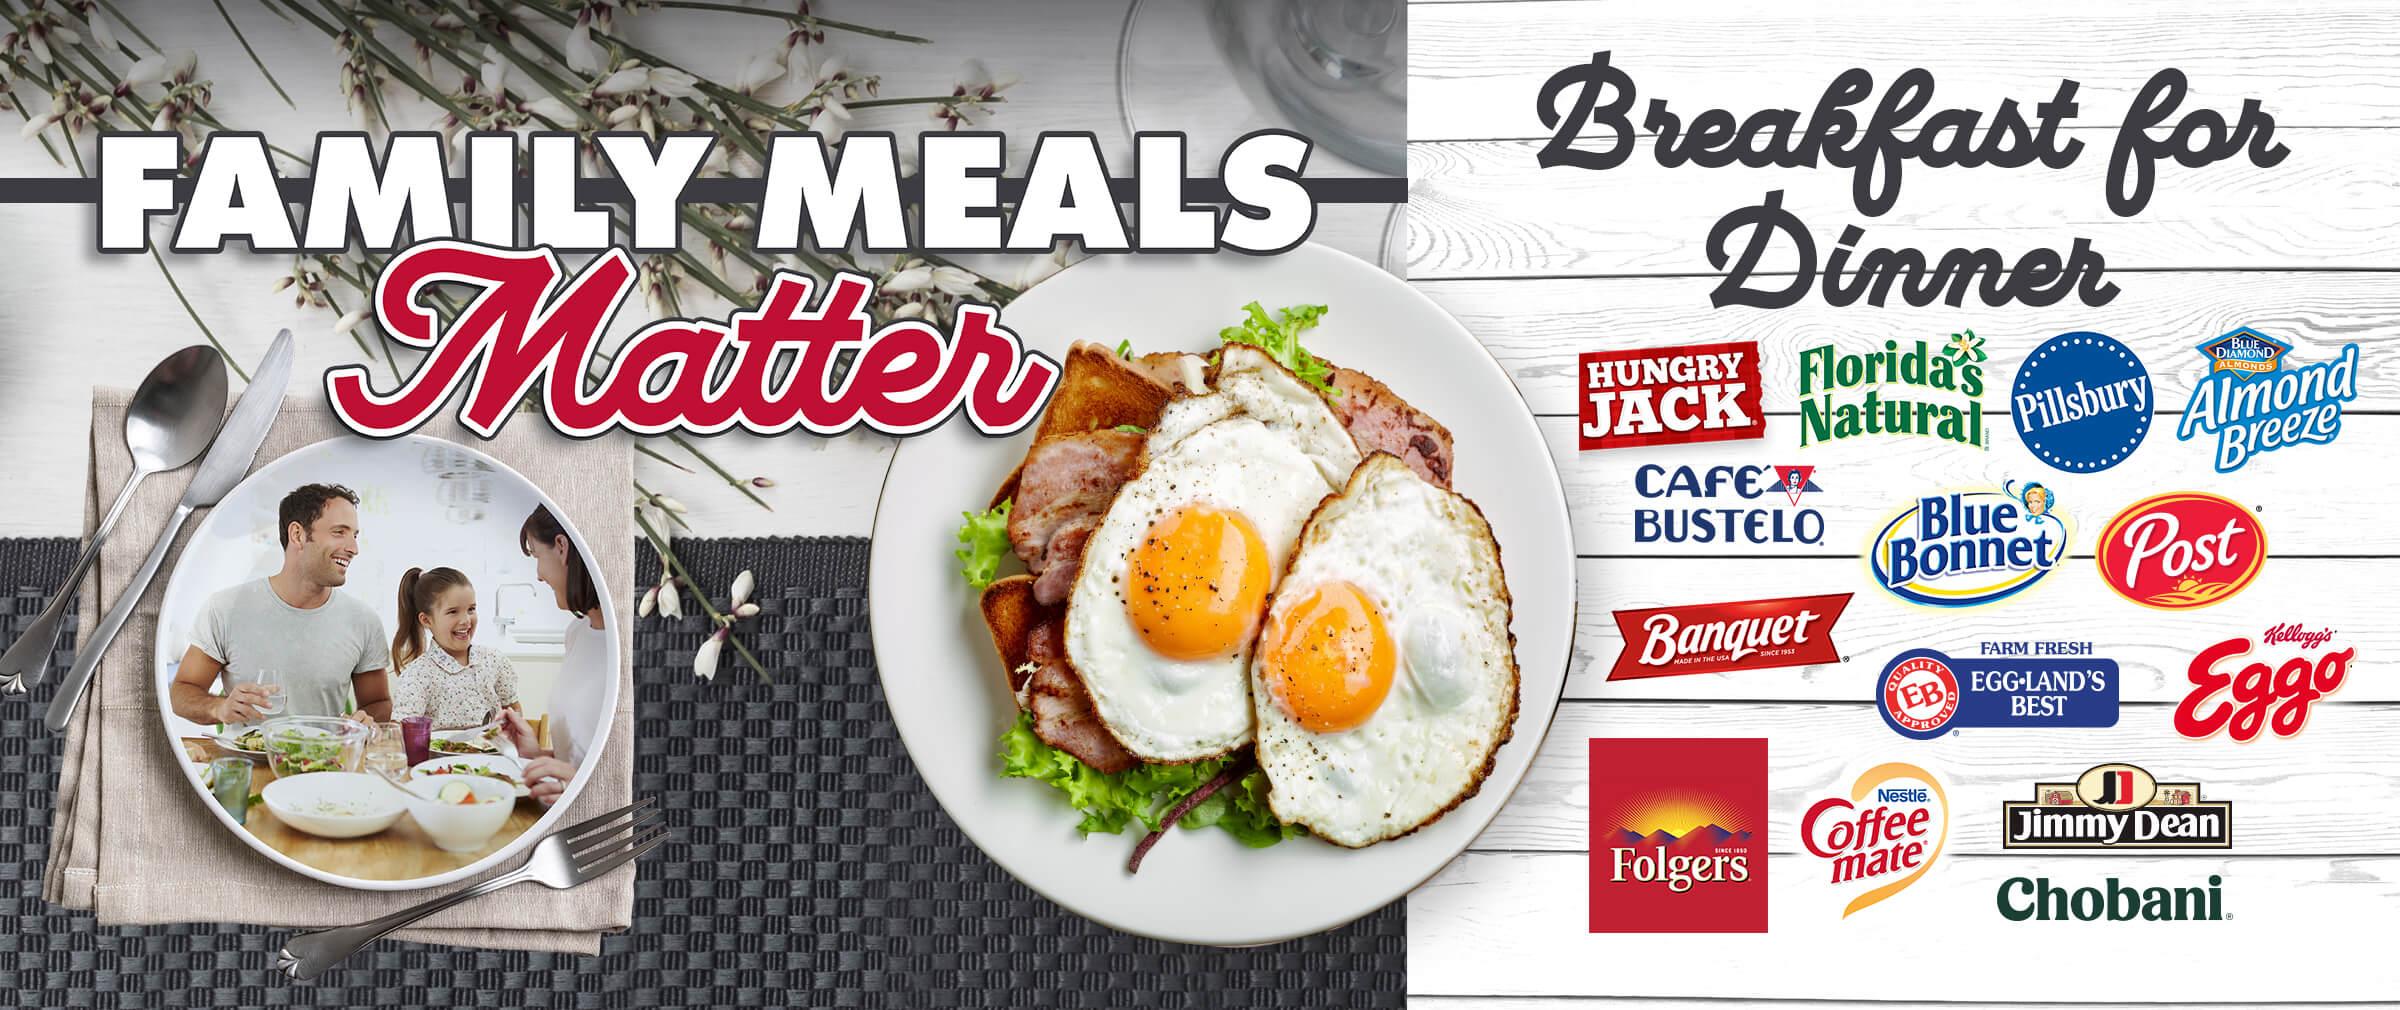 2400x1010_FamilyMeals_Gliders-Breakfast